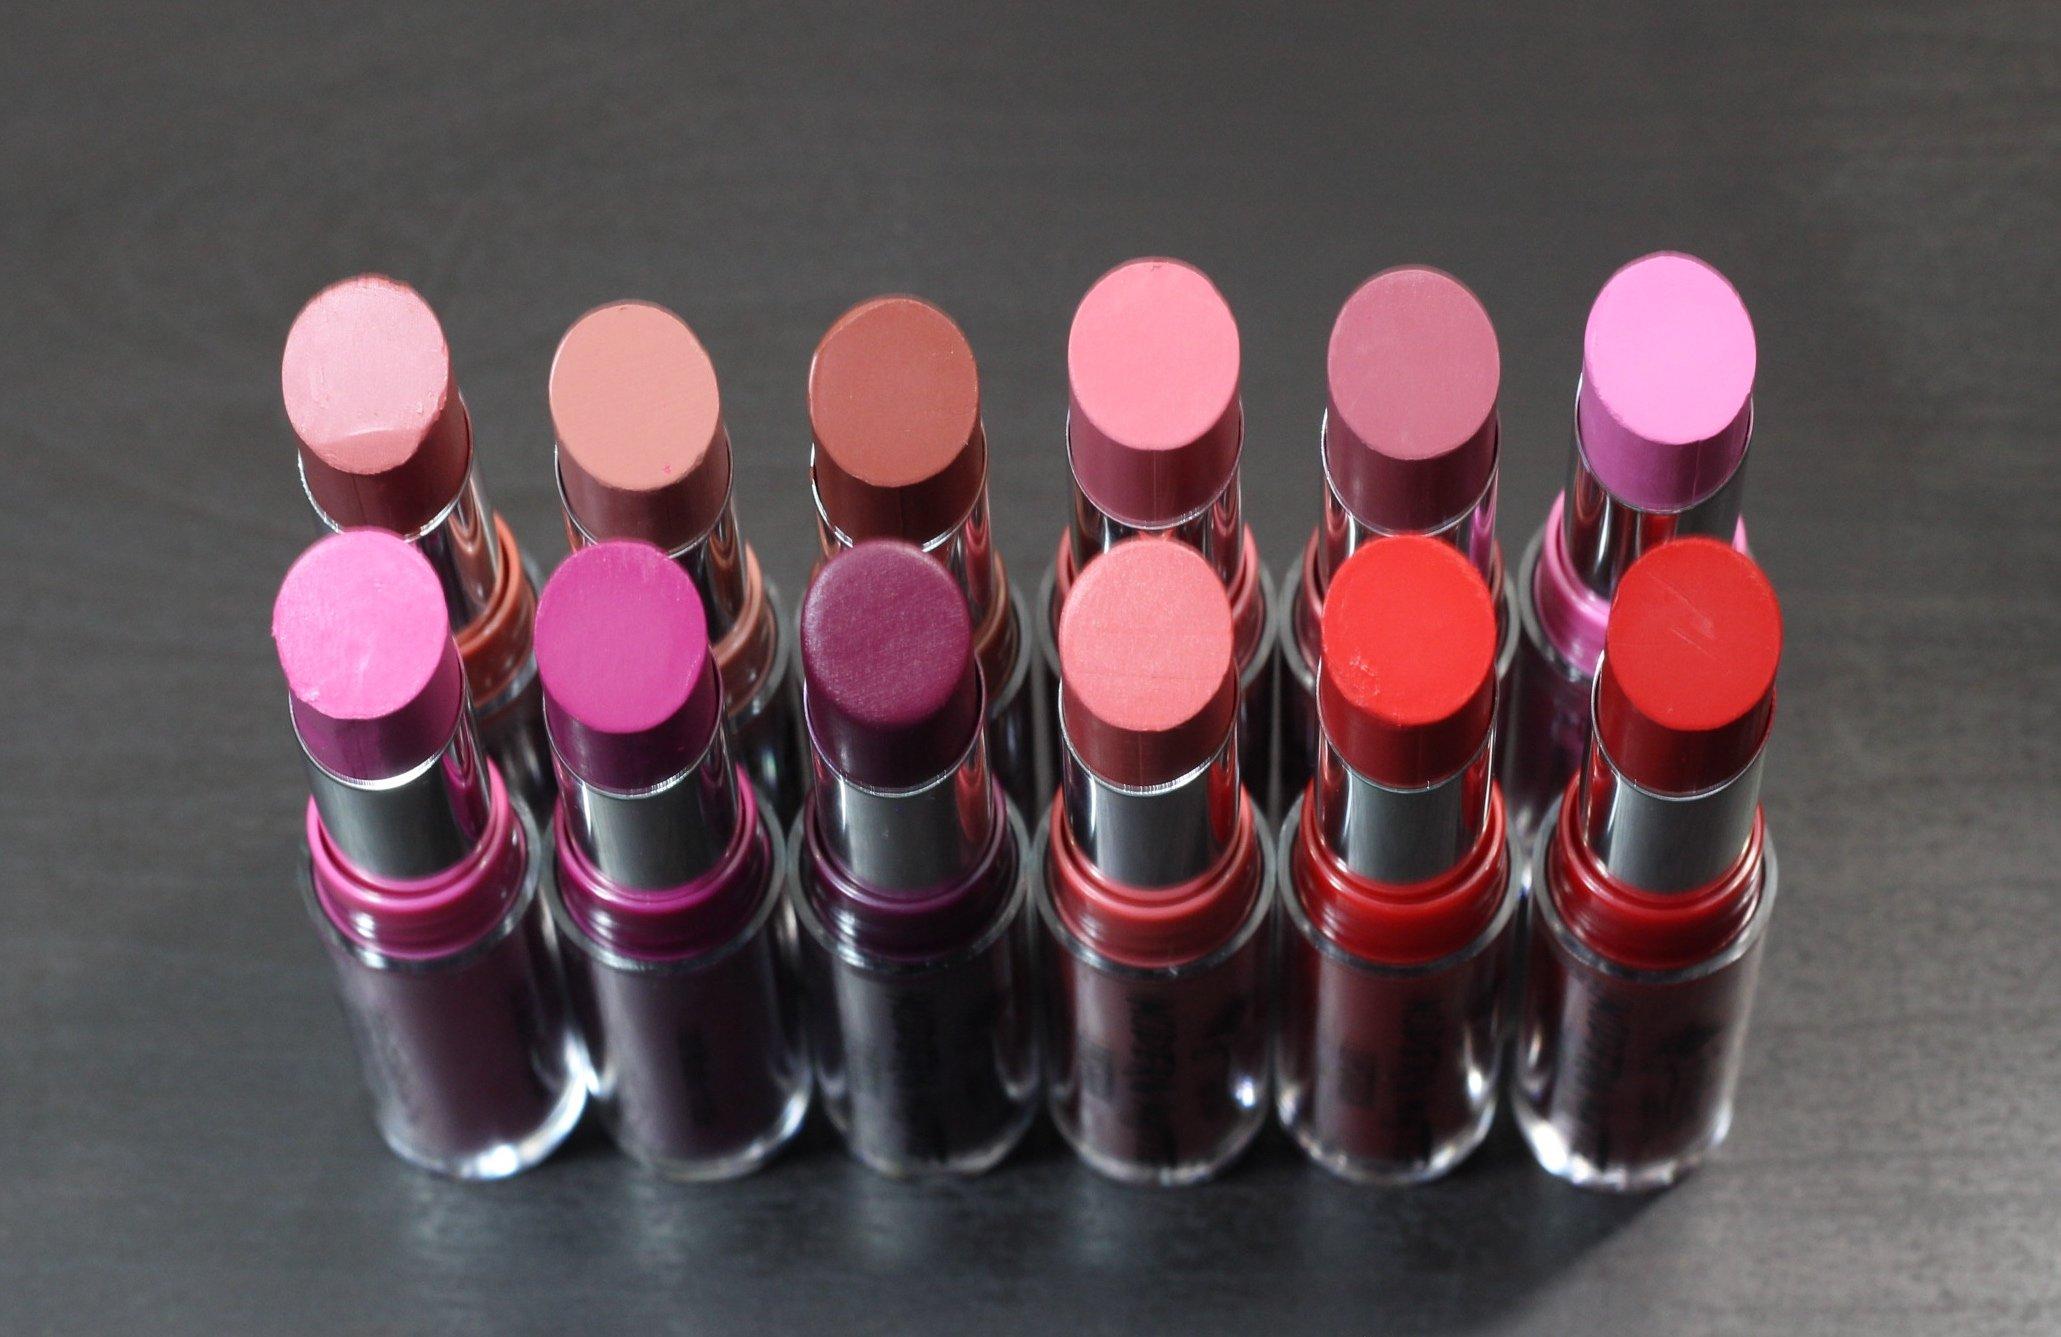 Jordana Modern Matte Lipsticks